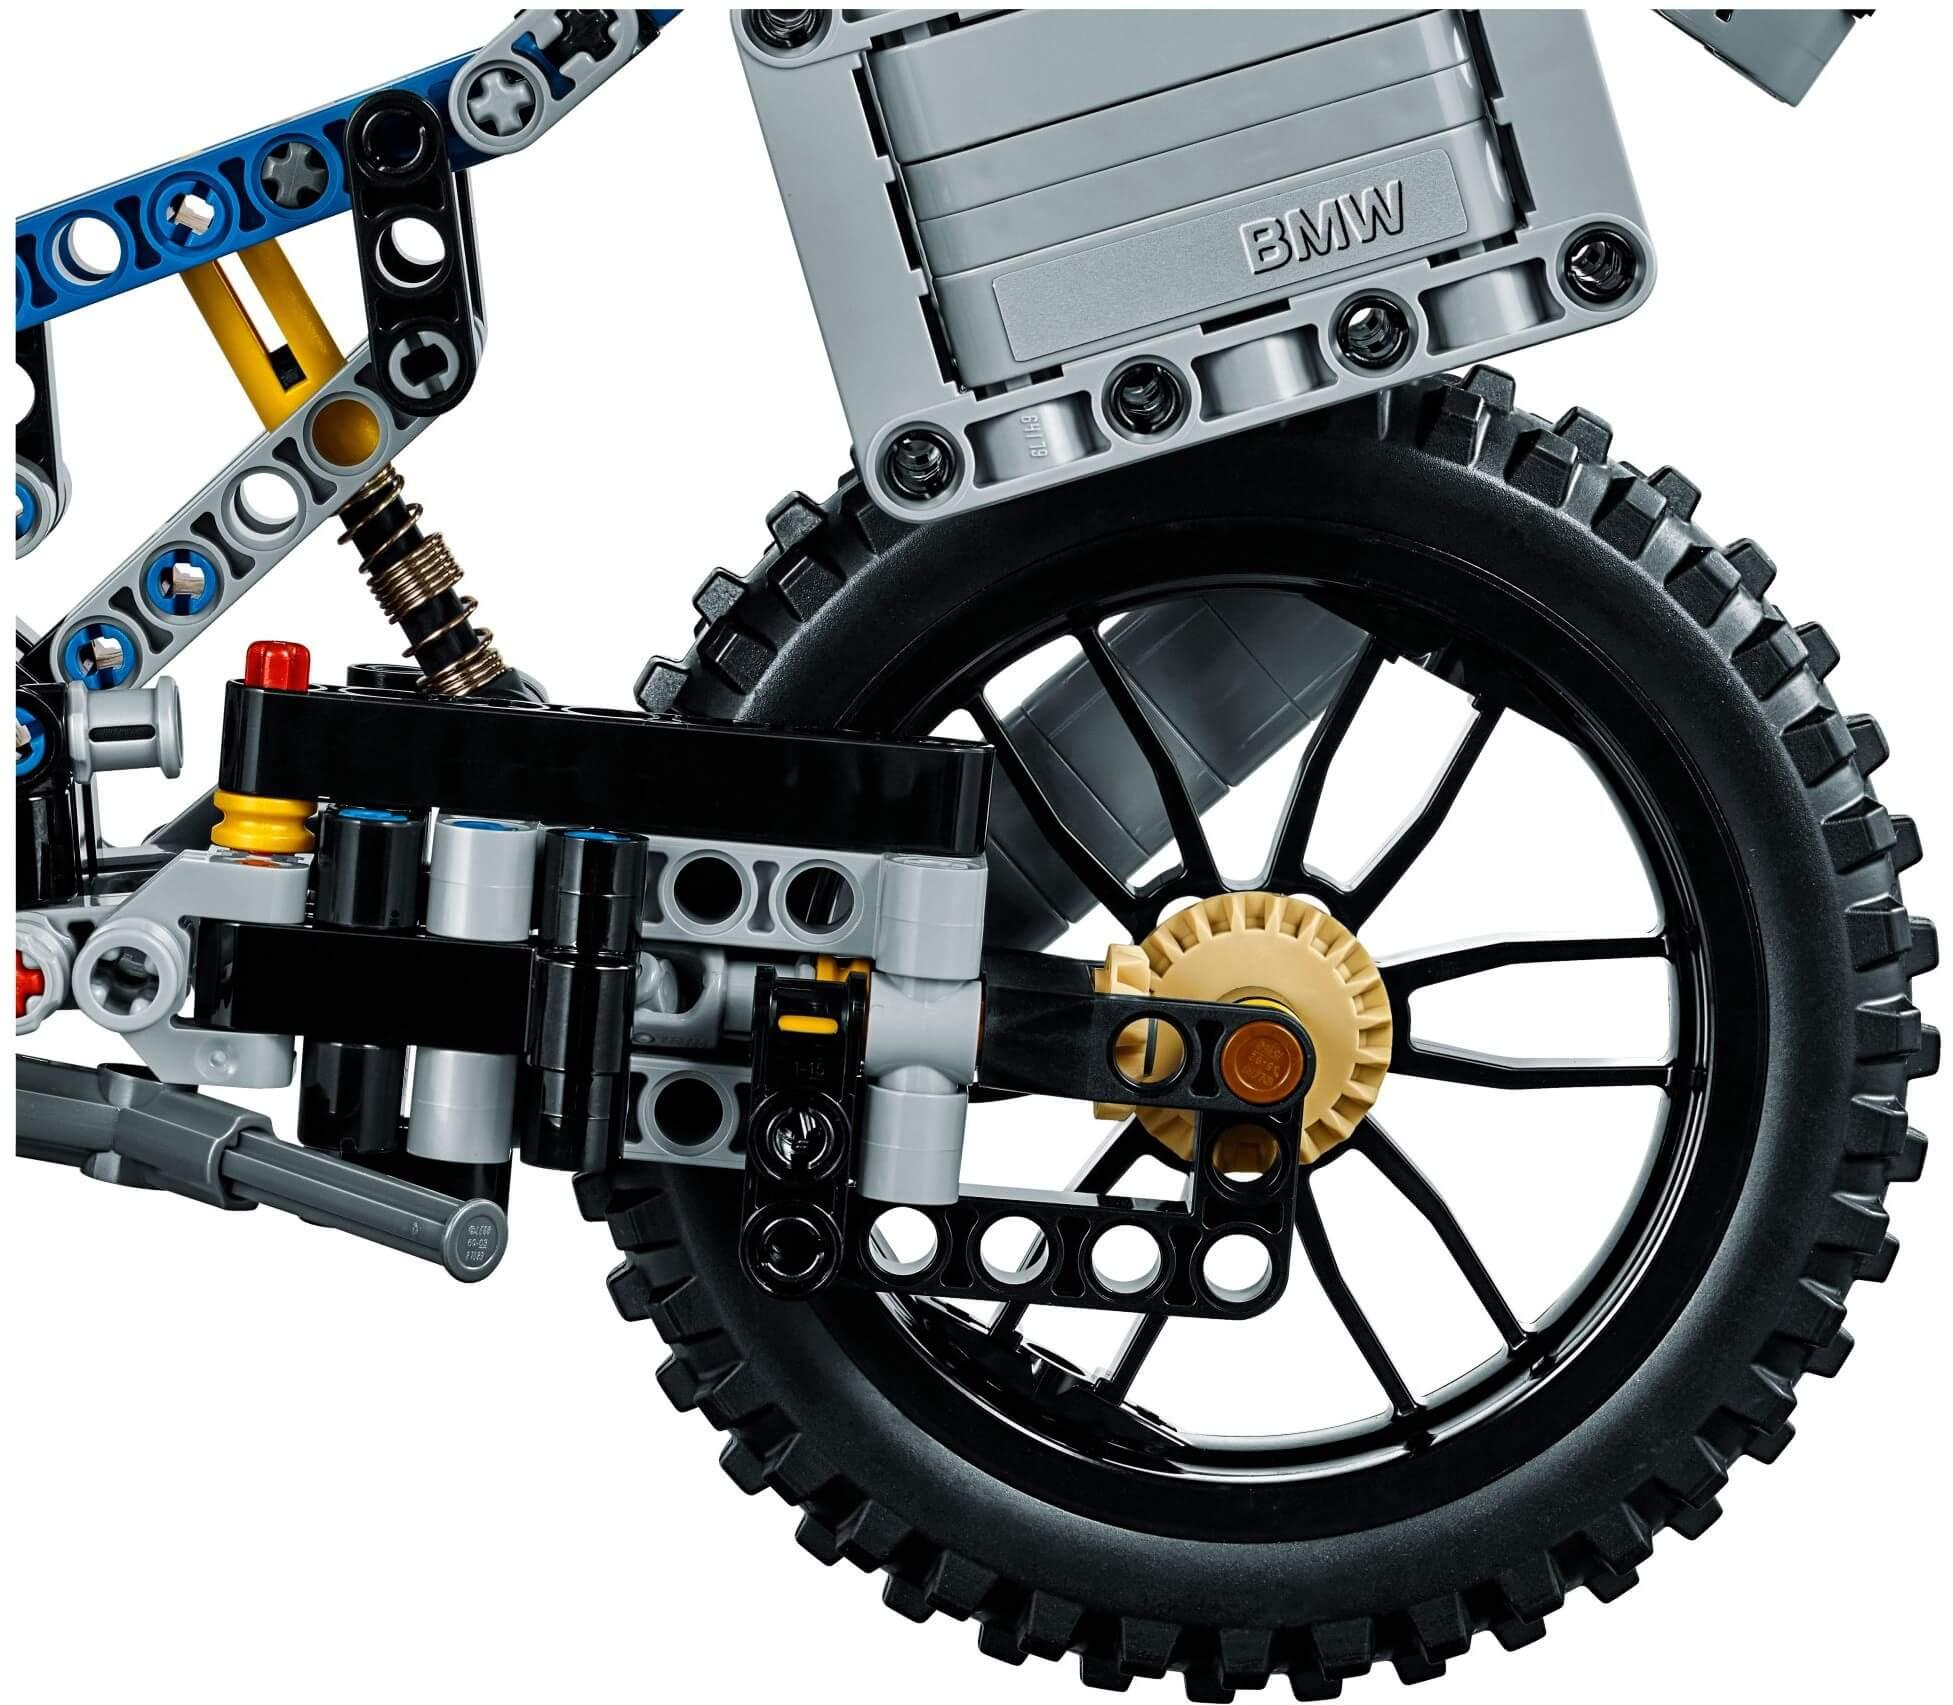 Mua đồ chơi LEGO 42063 - LEGO Technic 42063 - Xe Mô Tô BMW R 1200 GS Adventure (LEGO 42063 BMW R 1200 GS Adventure)